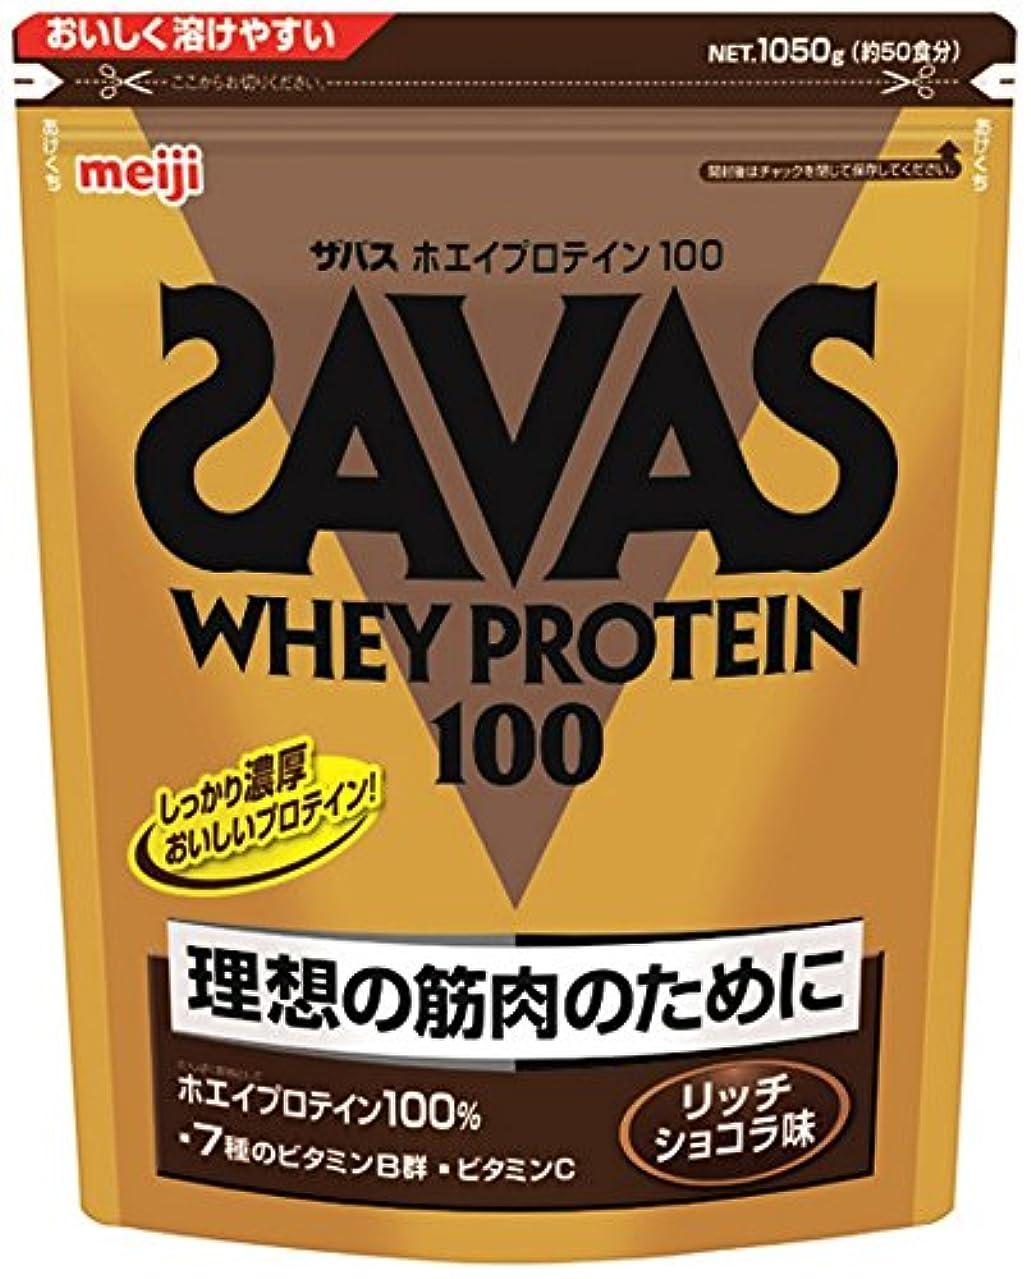 アルバム取得硬化するザバス(SAVAS) アクアホエイプロテイン100+クエン酸 グレープフルーツ風味【40食分】 840g